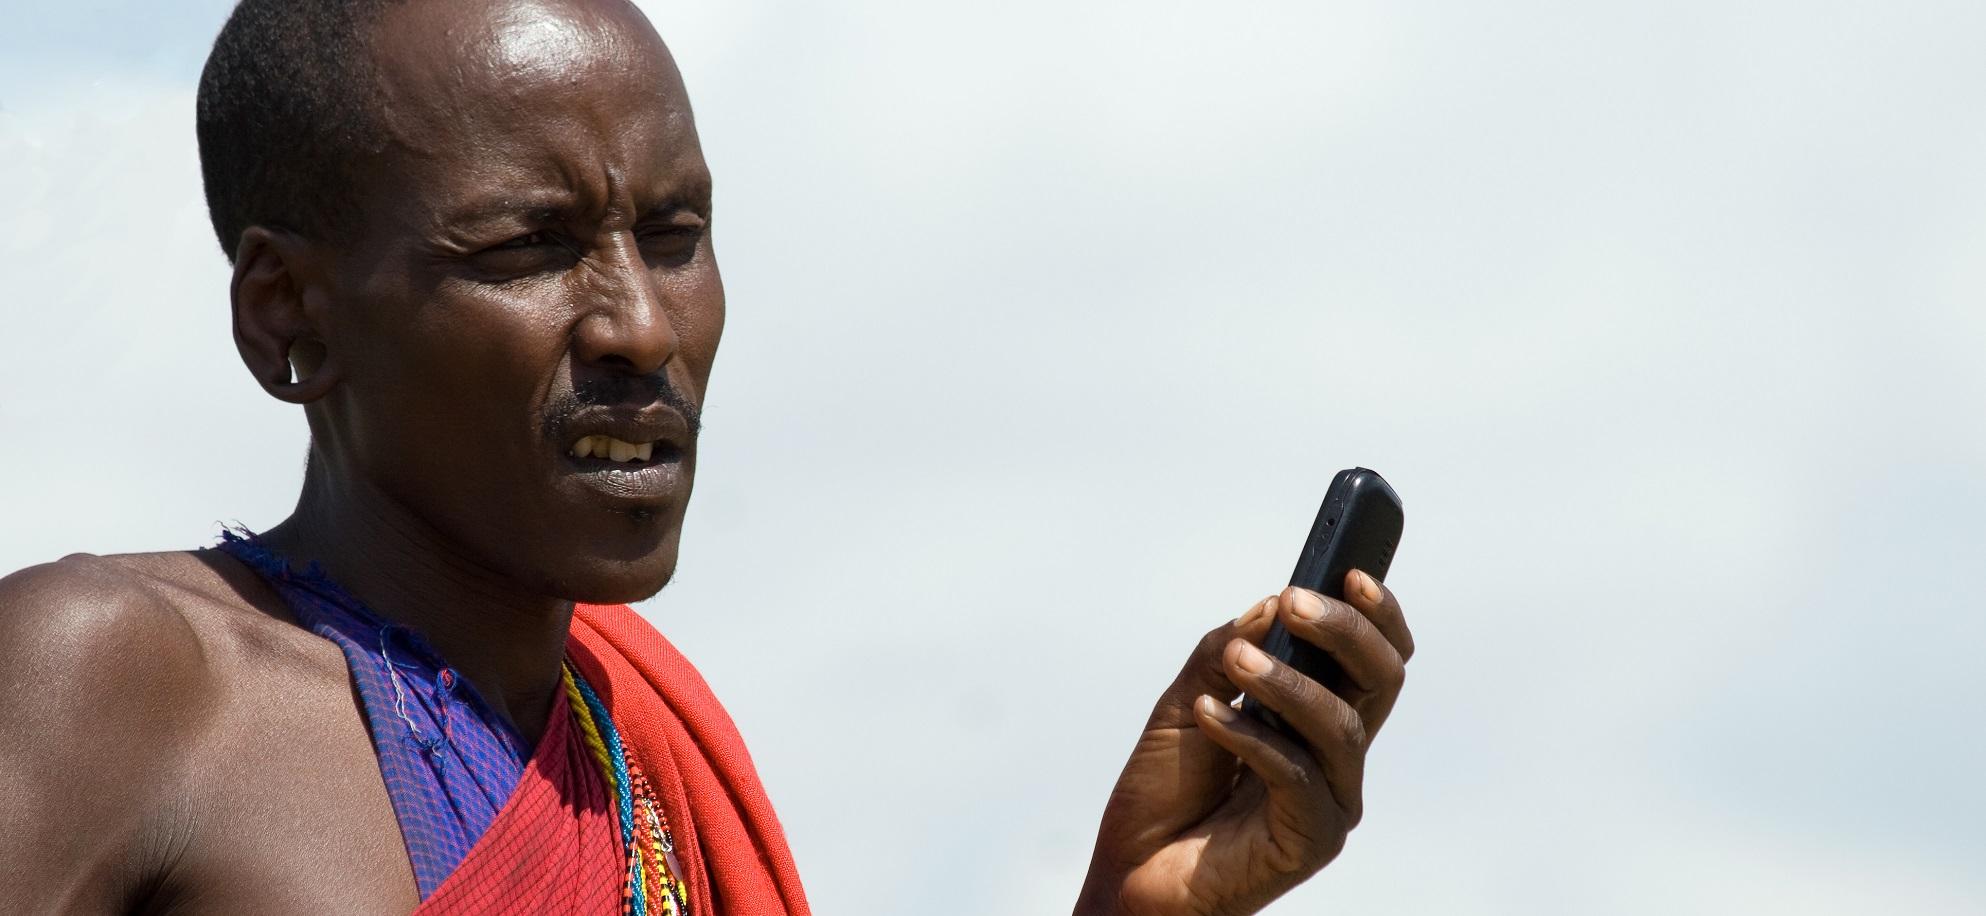 El móvil, clave para el desarrollo de la agricultura en África